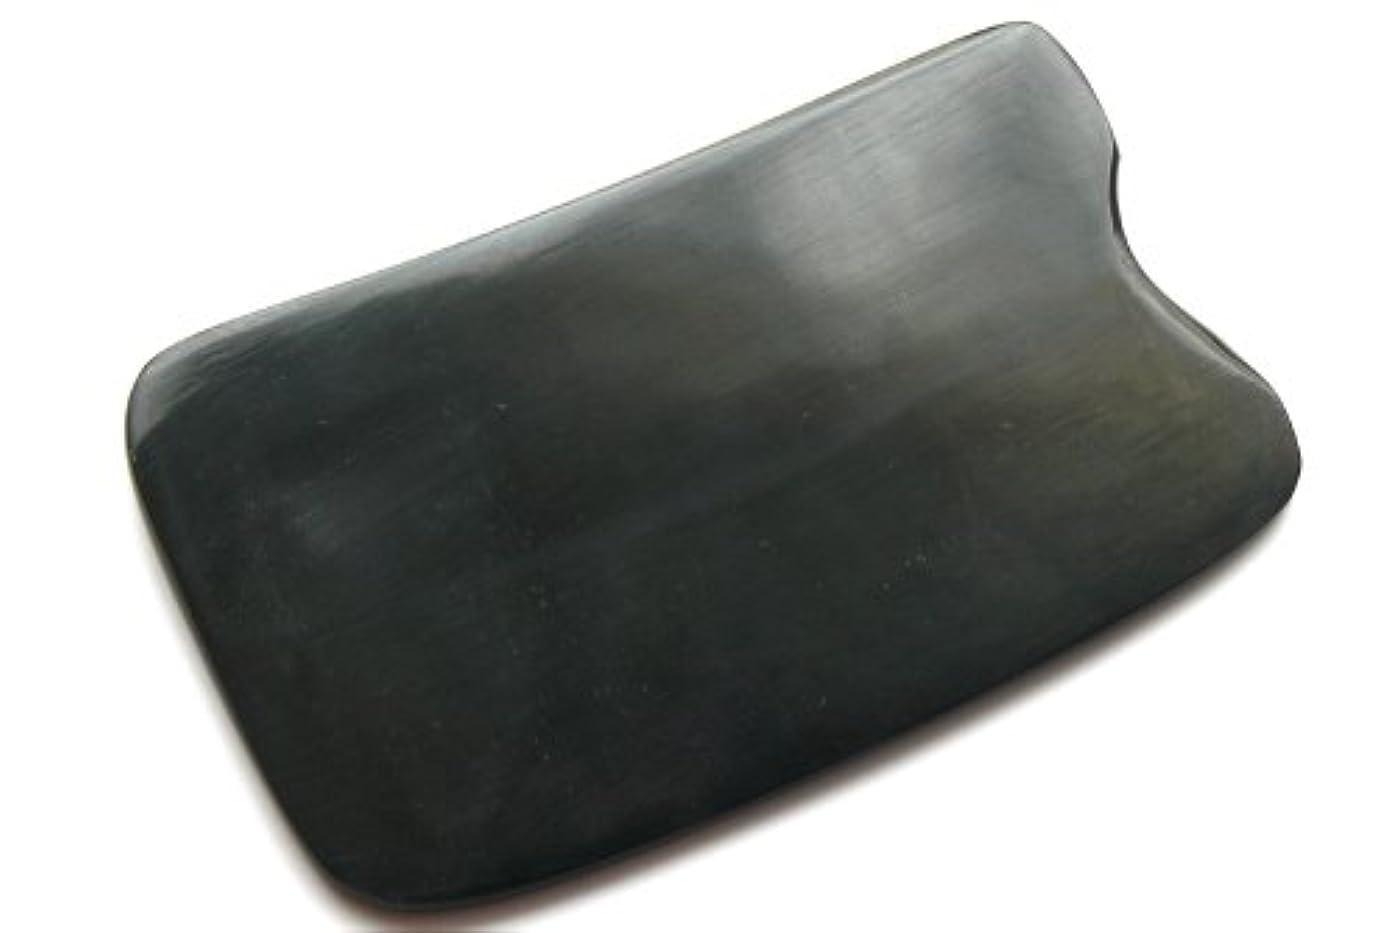 どれか接尾辞悲惨かっさ板、美容、刮莎板、グアシャ板,水牛角製